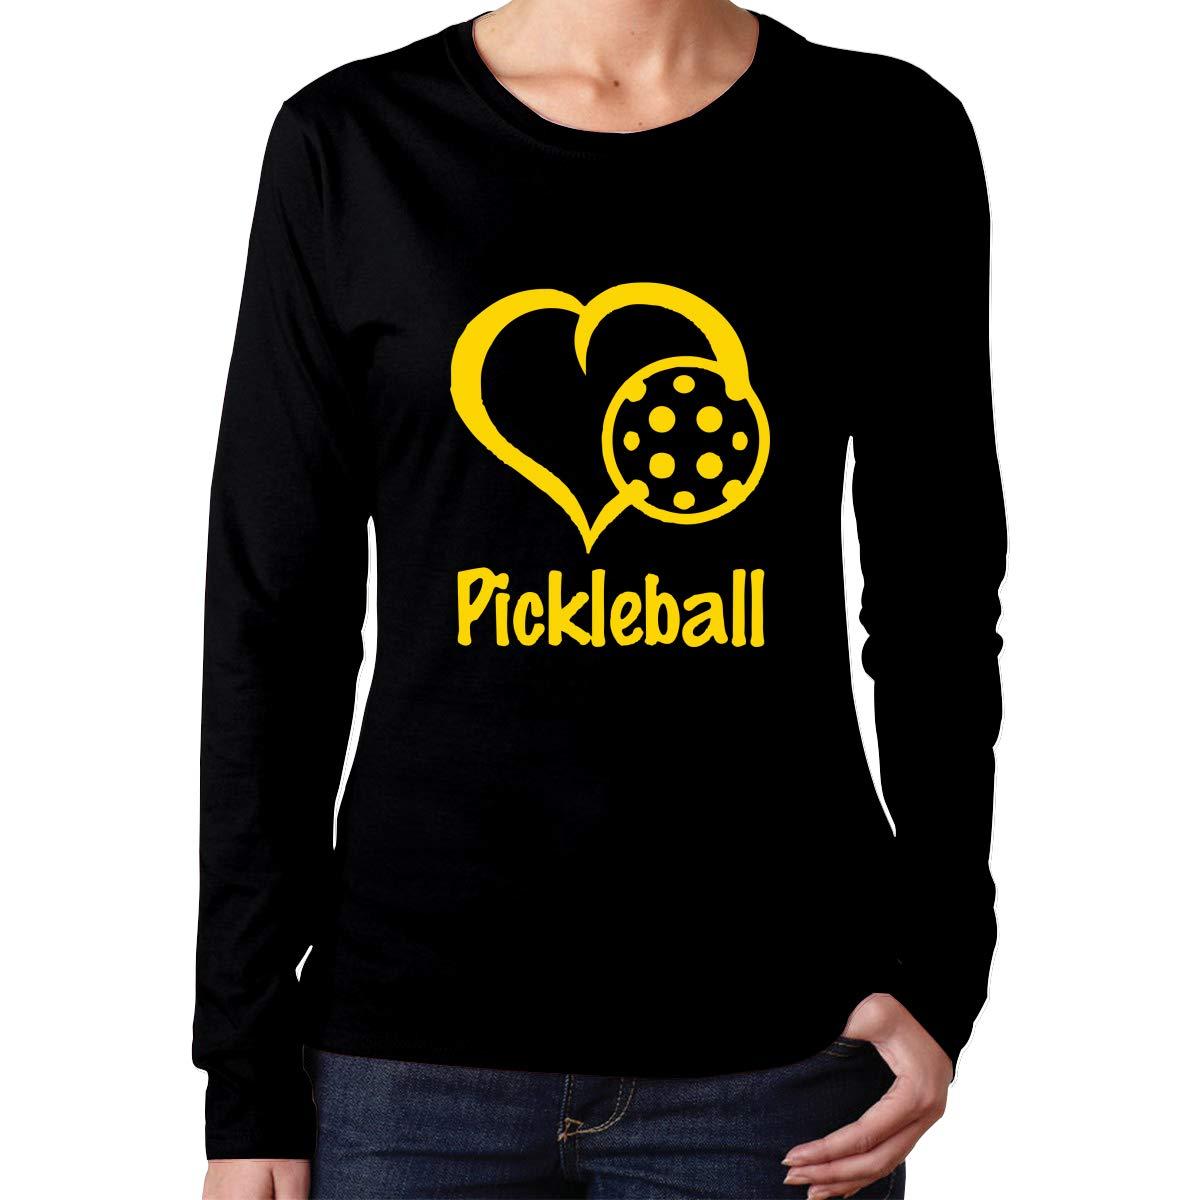 Womens Heart Love Pickleball-1 ComfortSoft Long-Sleeve T-Shirt Cotton Tee